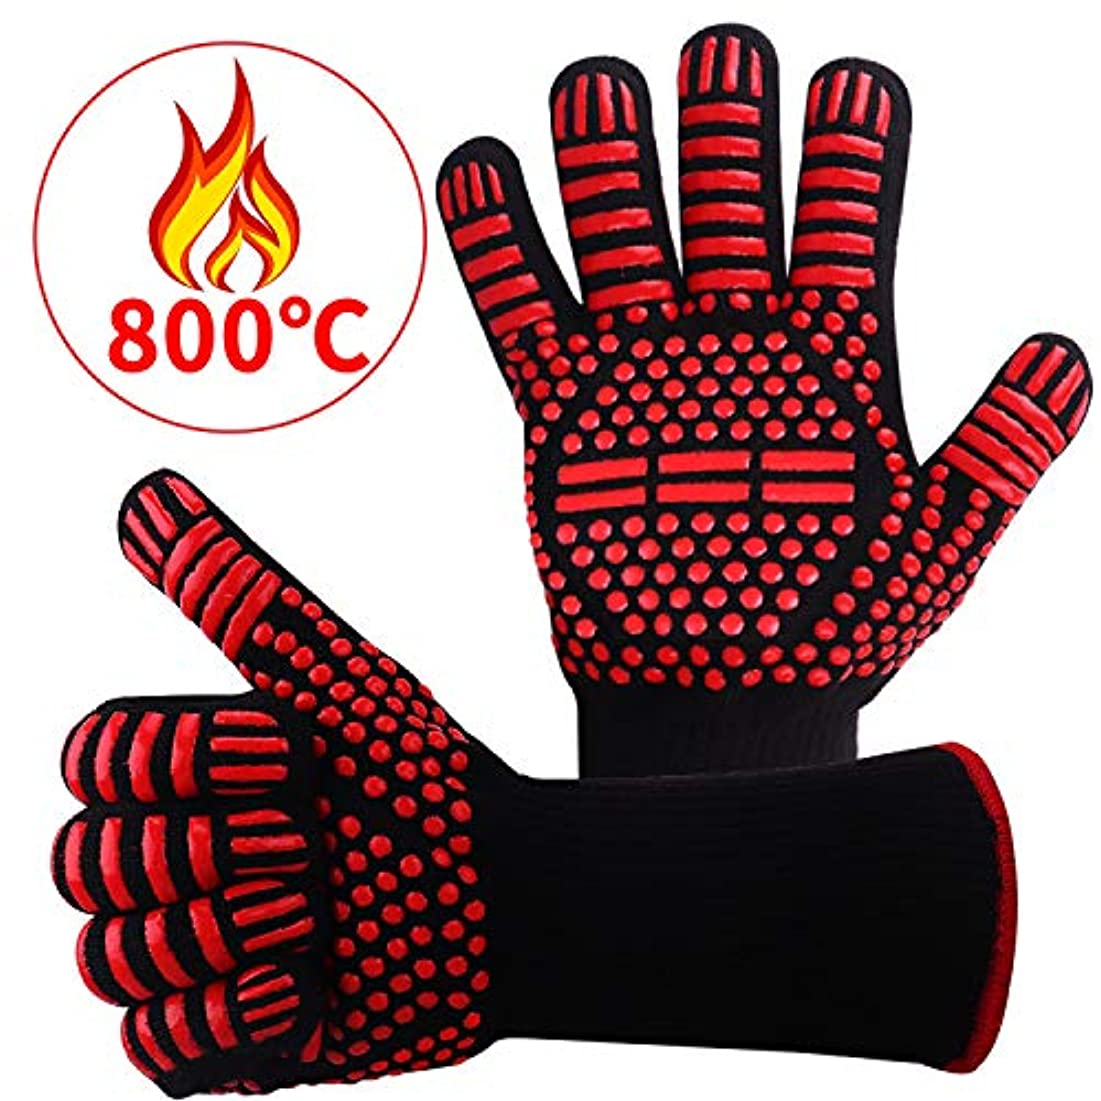 援助罹患率迅速耐熱グローブ バーベキューグローブ 耐熱 手袋 最高耐熱温度800℃ 滑り止め 左右兼用 着脱簡単 5本指グローブ 調理道具 bbq 電子レンジ オーブン に最適 2枚セット (800℃)